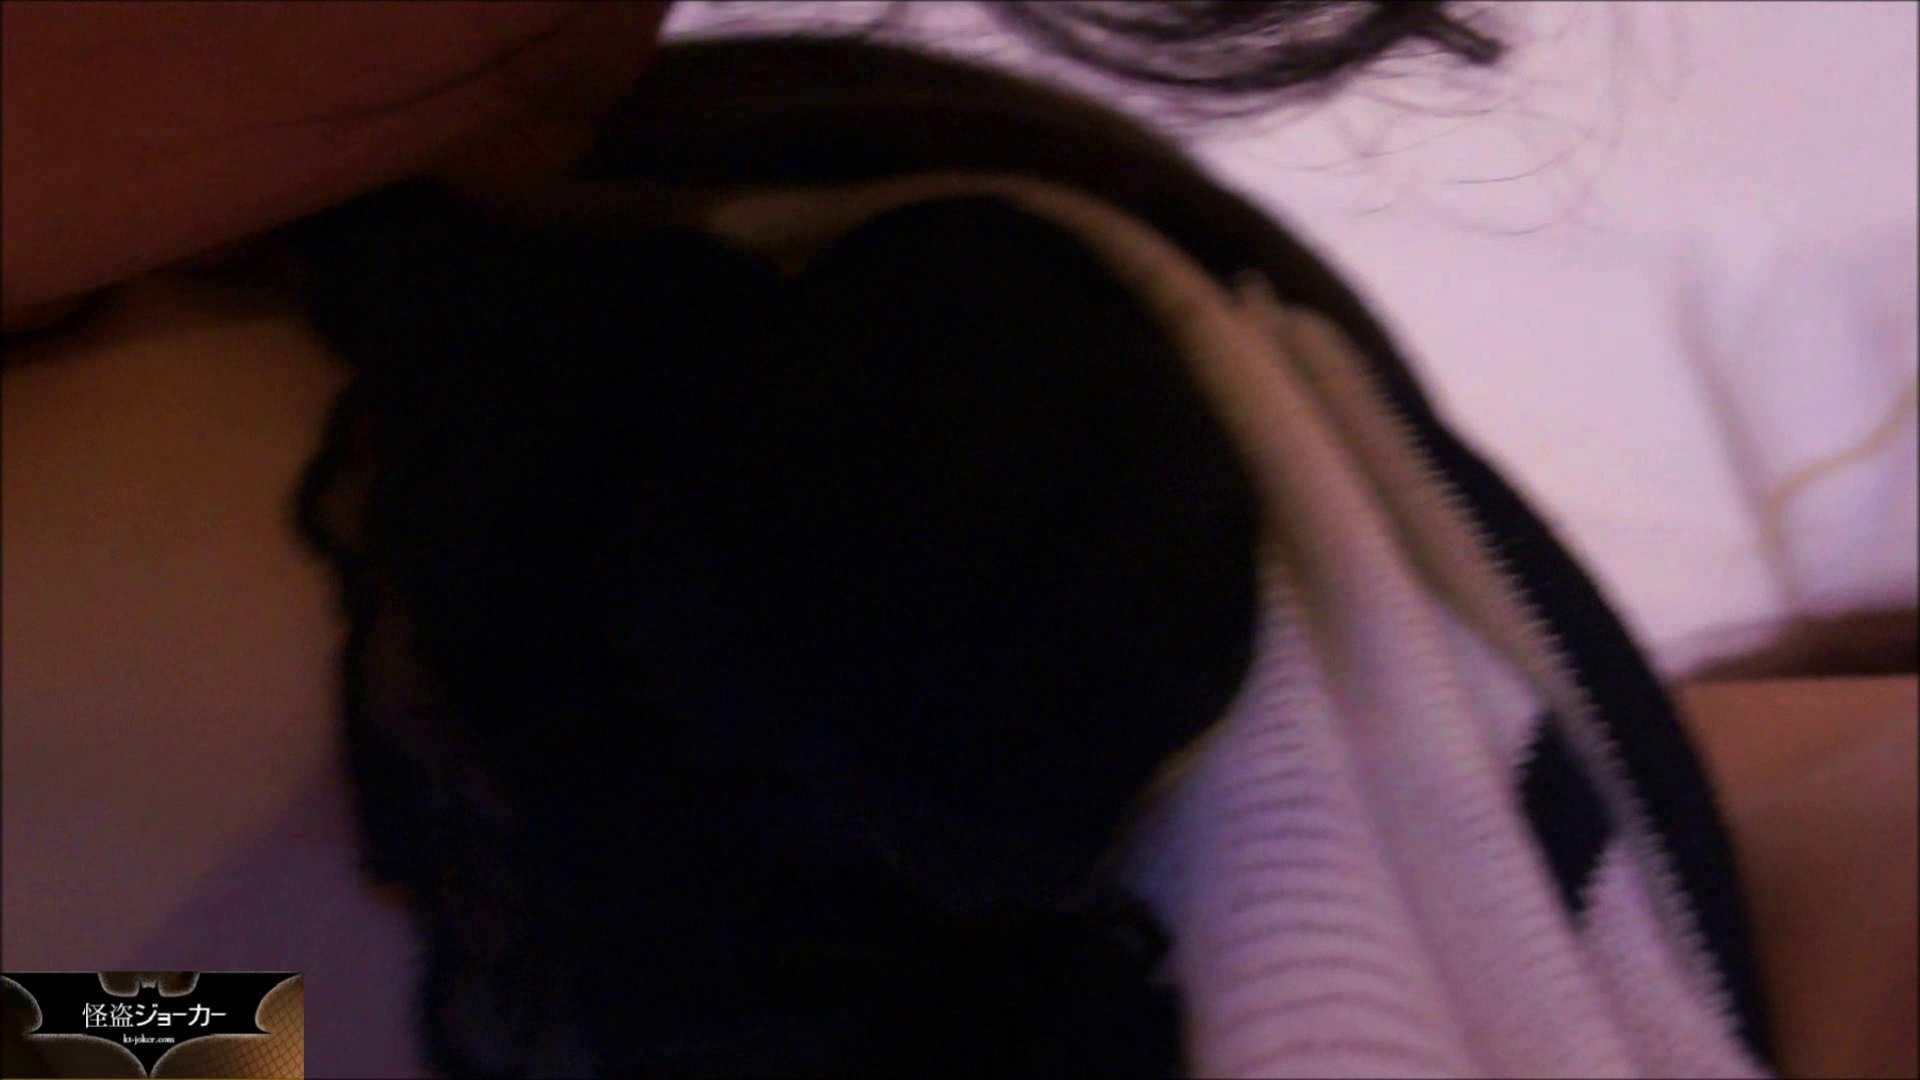 【俺の2人の愛嬢】【未公開】vol.34 【援交】葉月ちゃん・・・清楚からの豹変 ラブホテル  100PIX 43